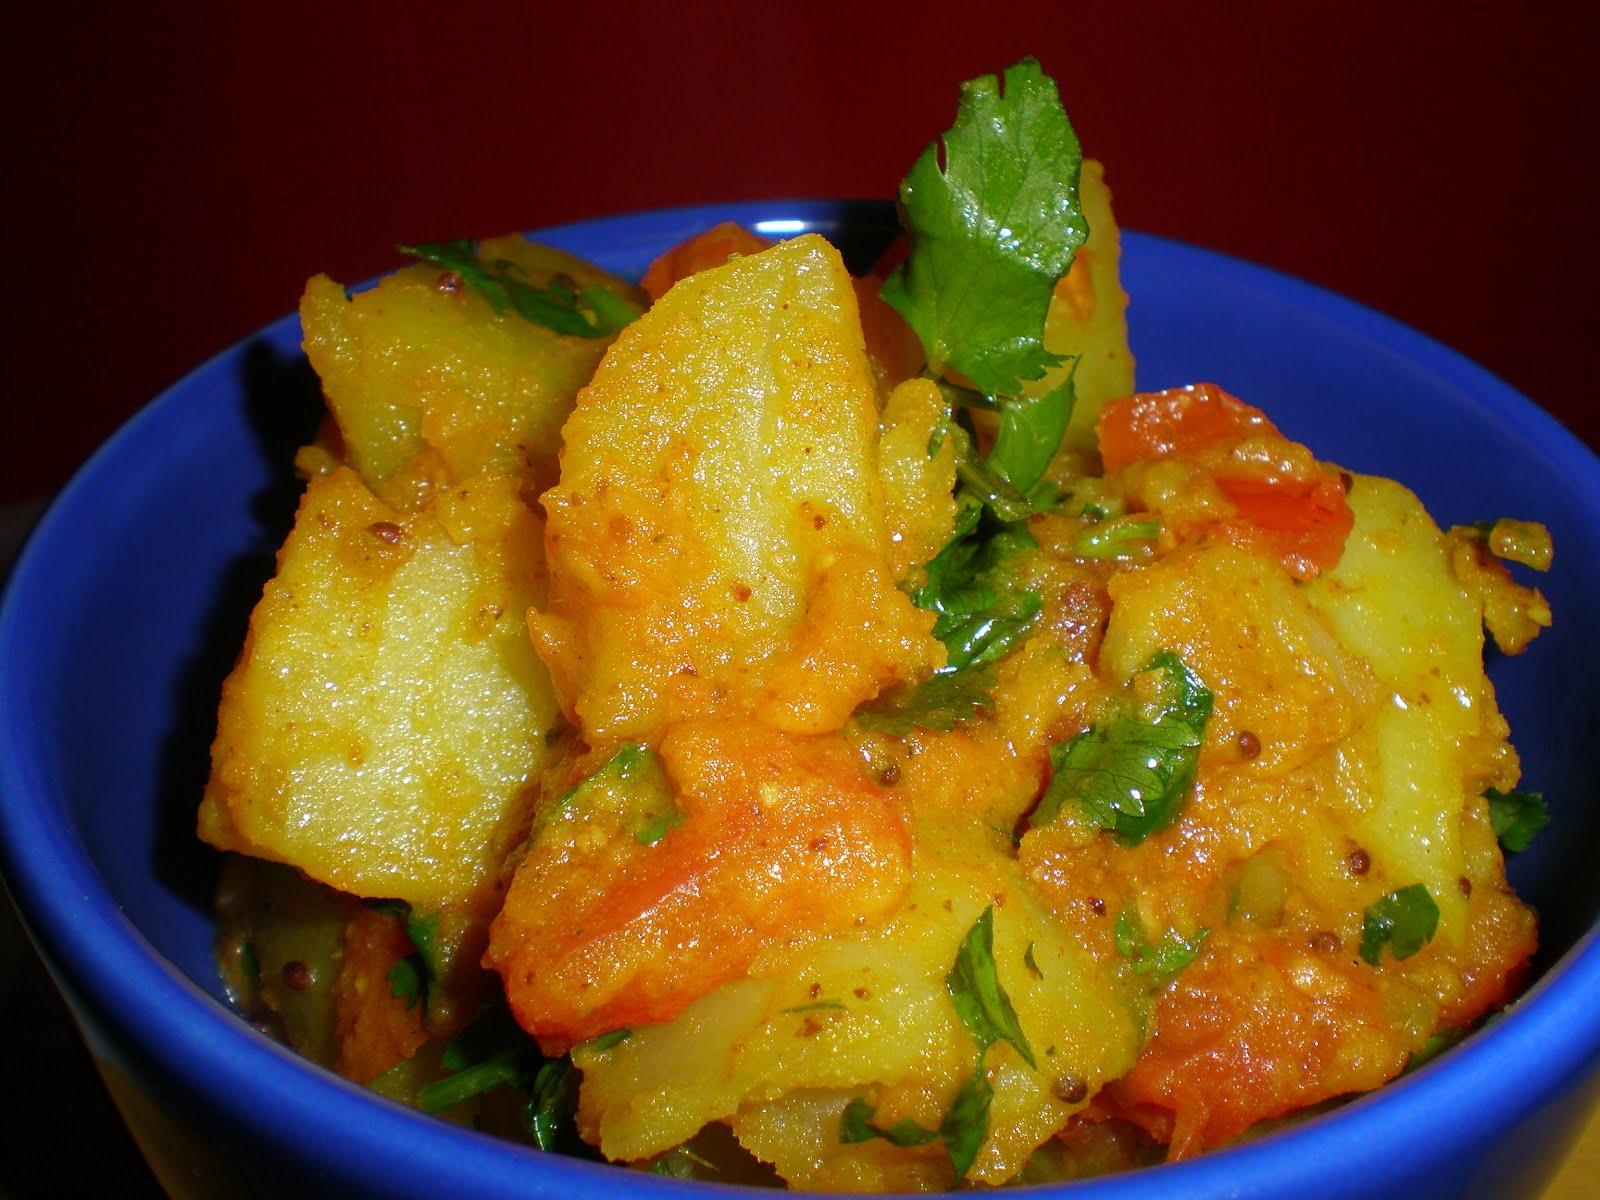 La cocinera novata patatas bombay receta de jamie oliver for Cocina 5 ingredientes jamie oliver